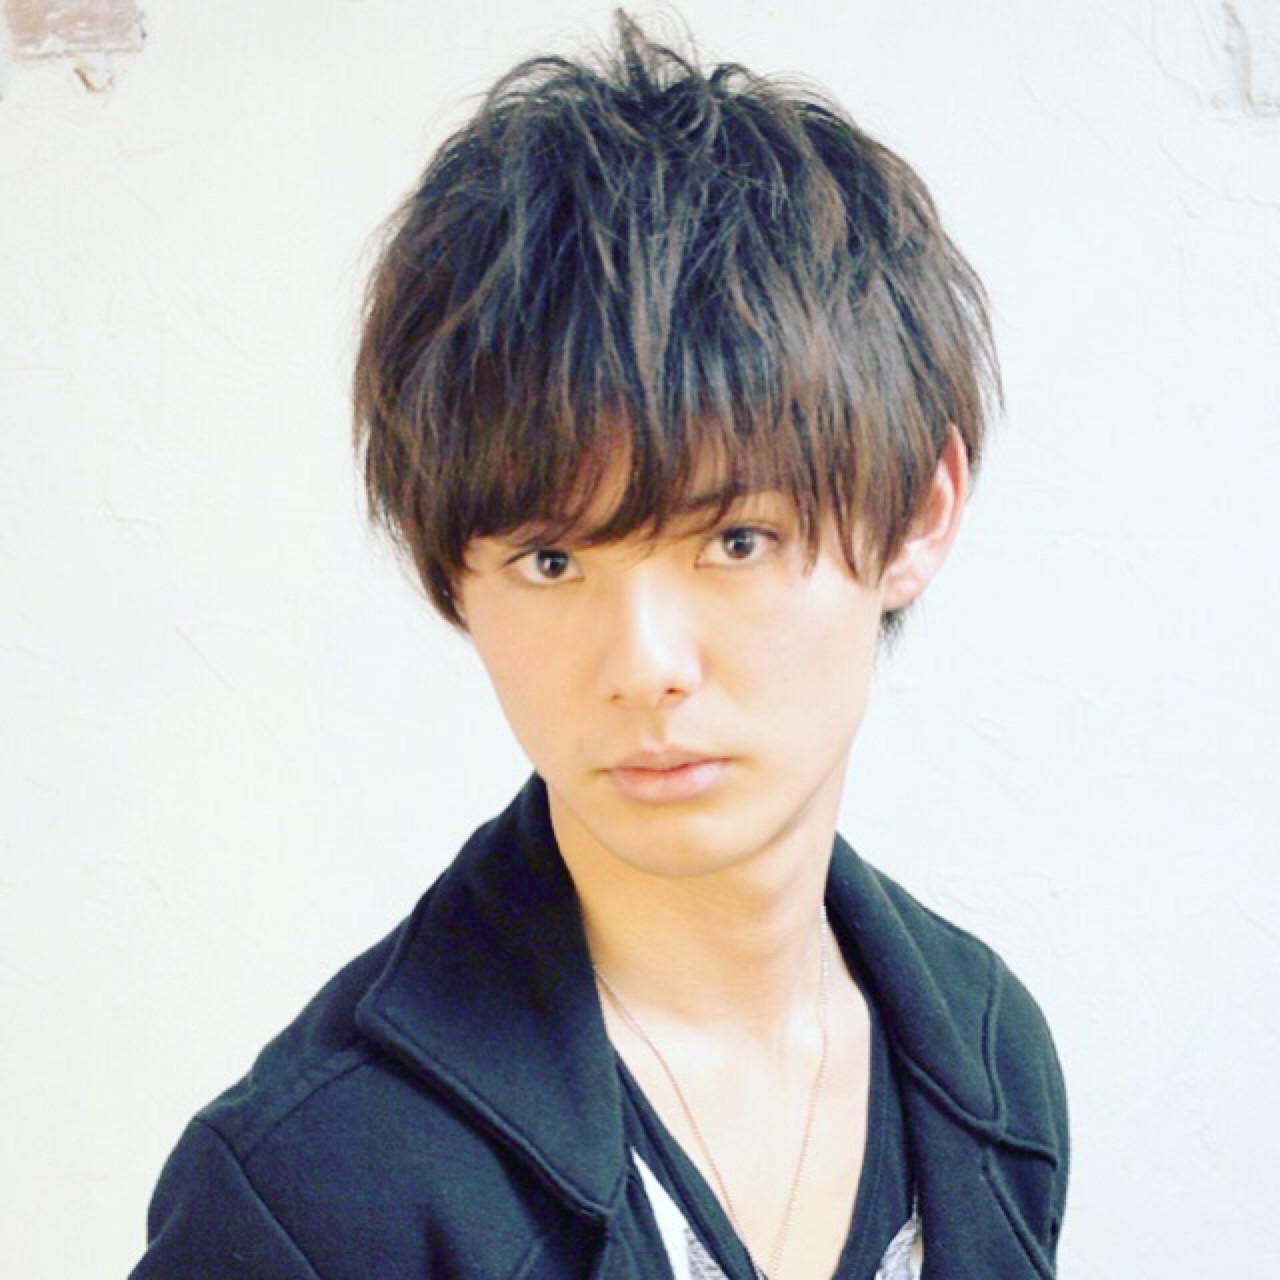 黒髪 ナチュラル パーマ ショート ヘアスタイルや髪型の写真・画像   Nao Kokubun blast / blast